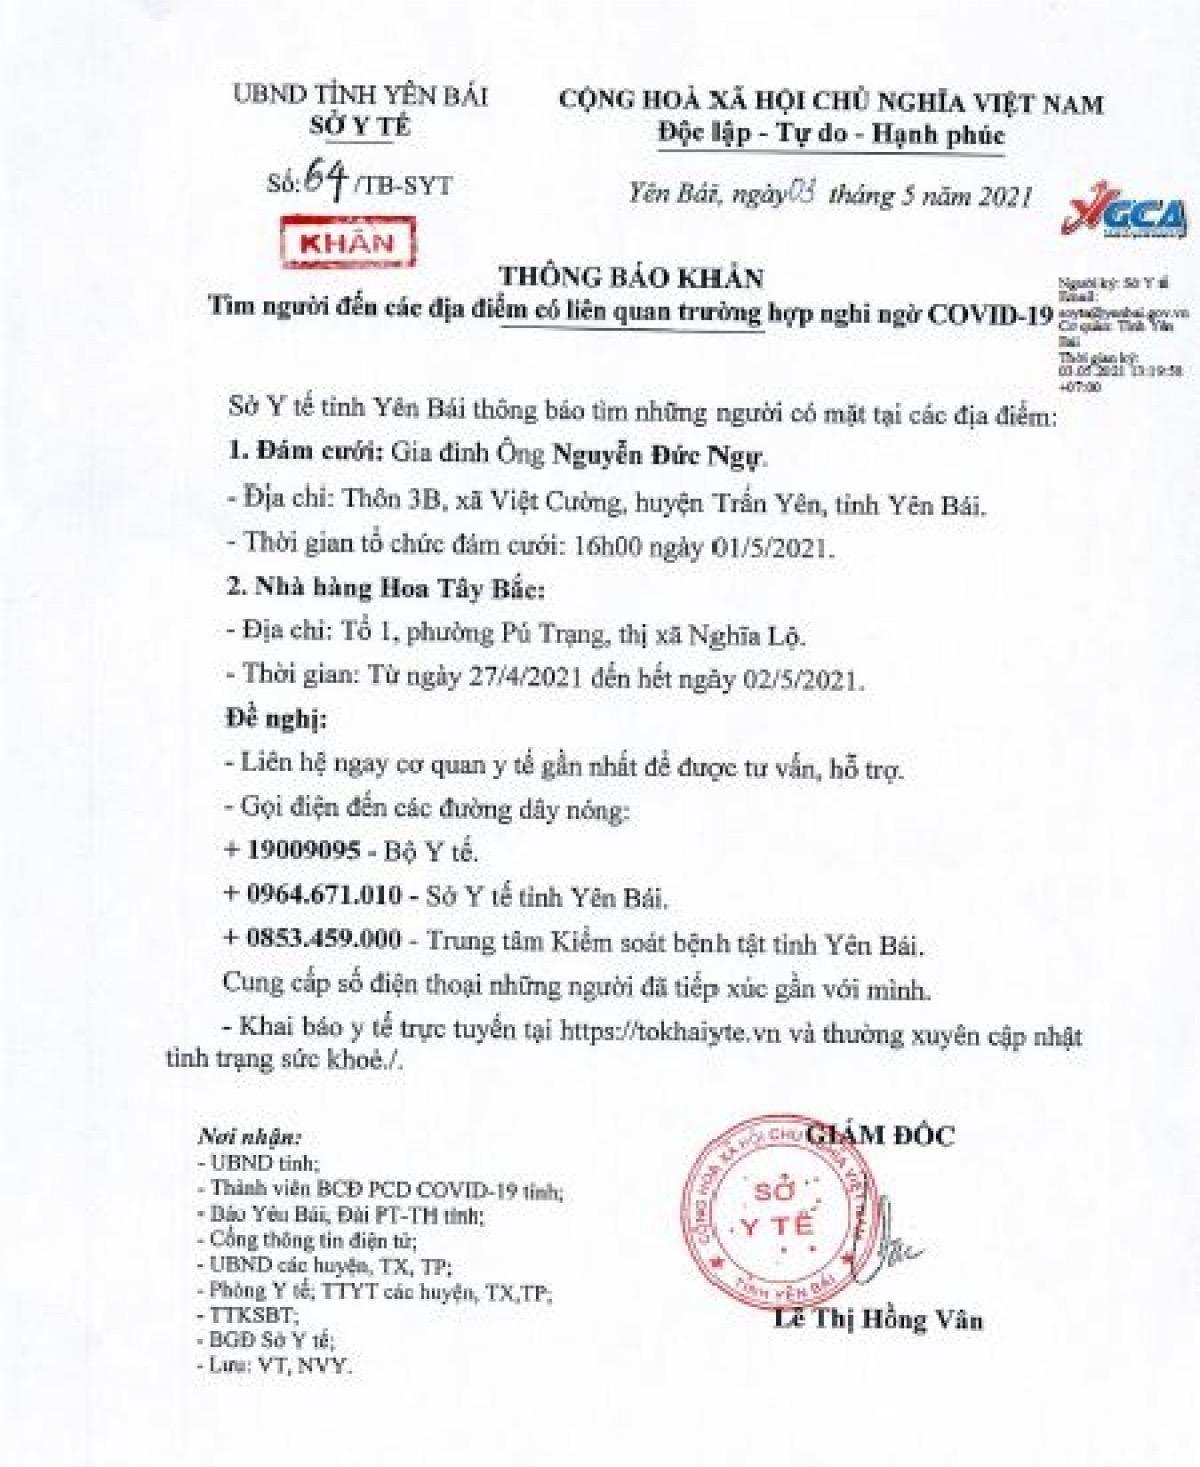 Thông báo khẩn của Sở Y tế Yên Bái chiều 3/5.